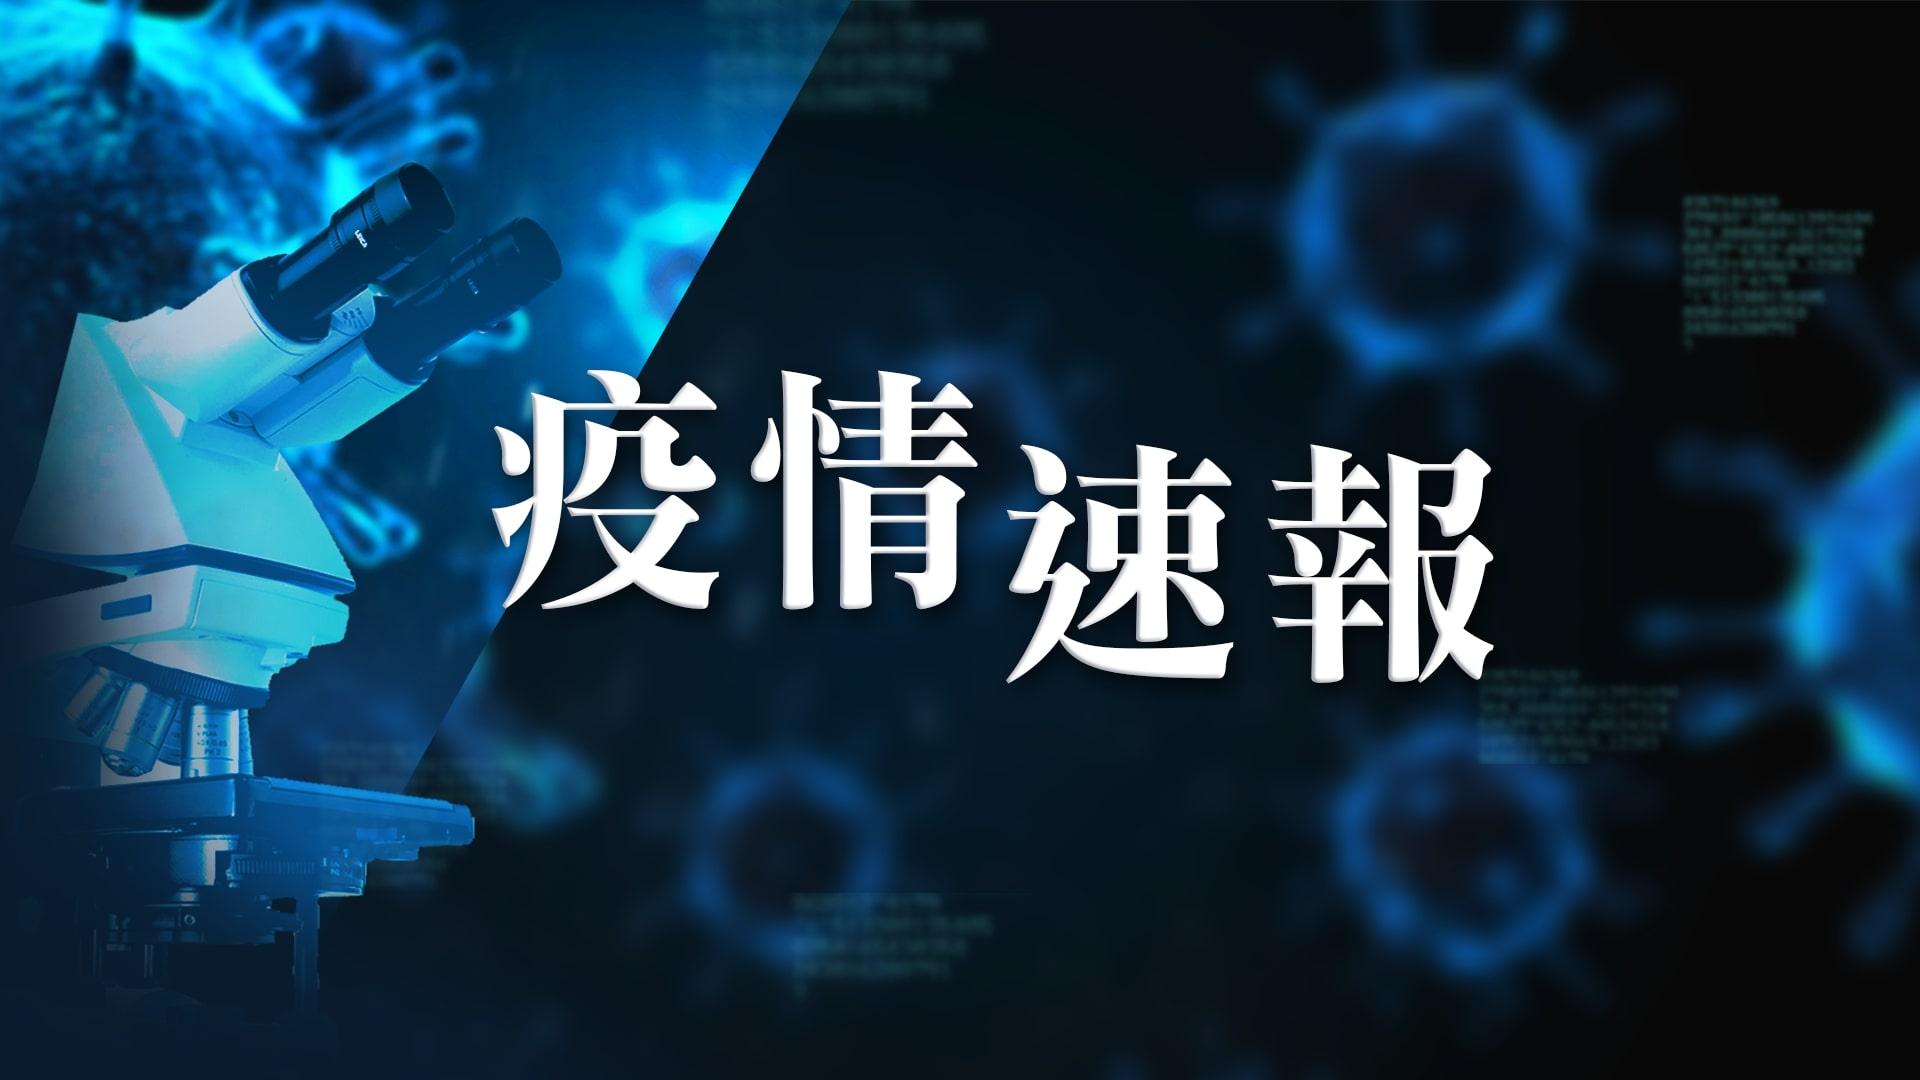 【2月22日疫情速報】(20:45)